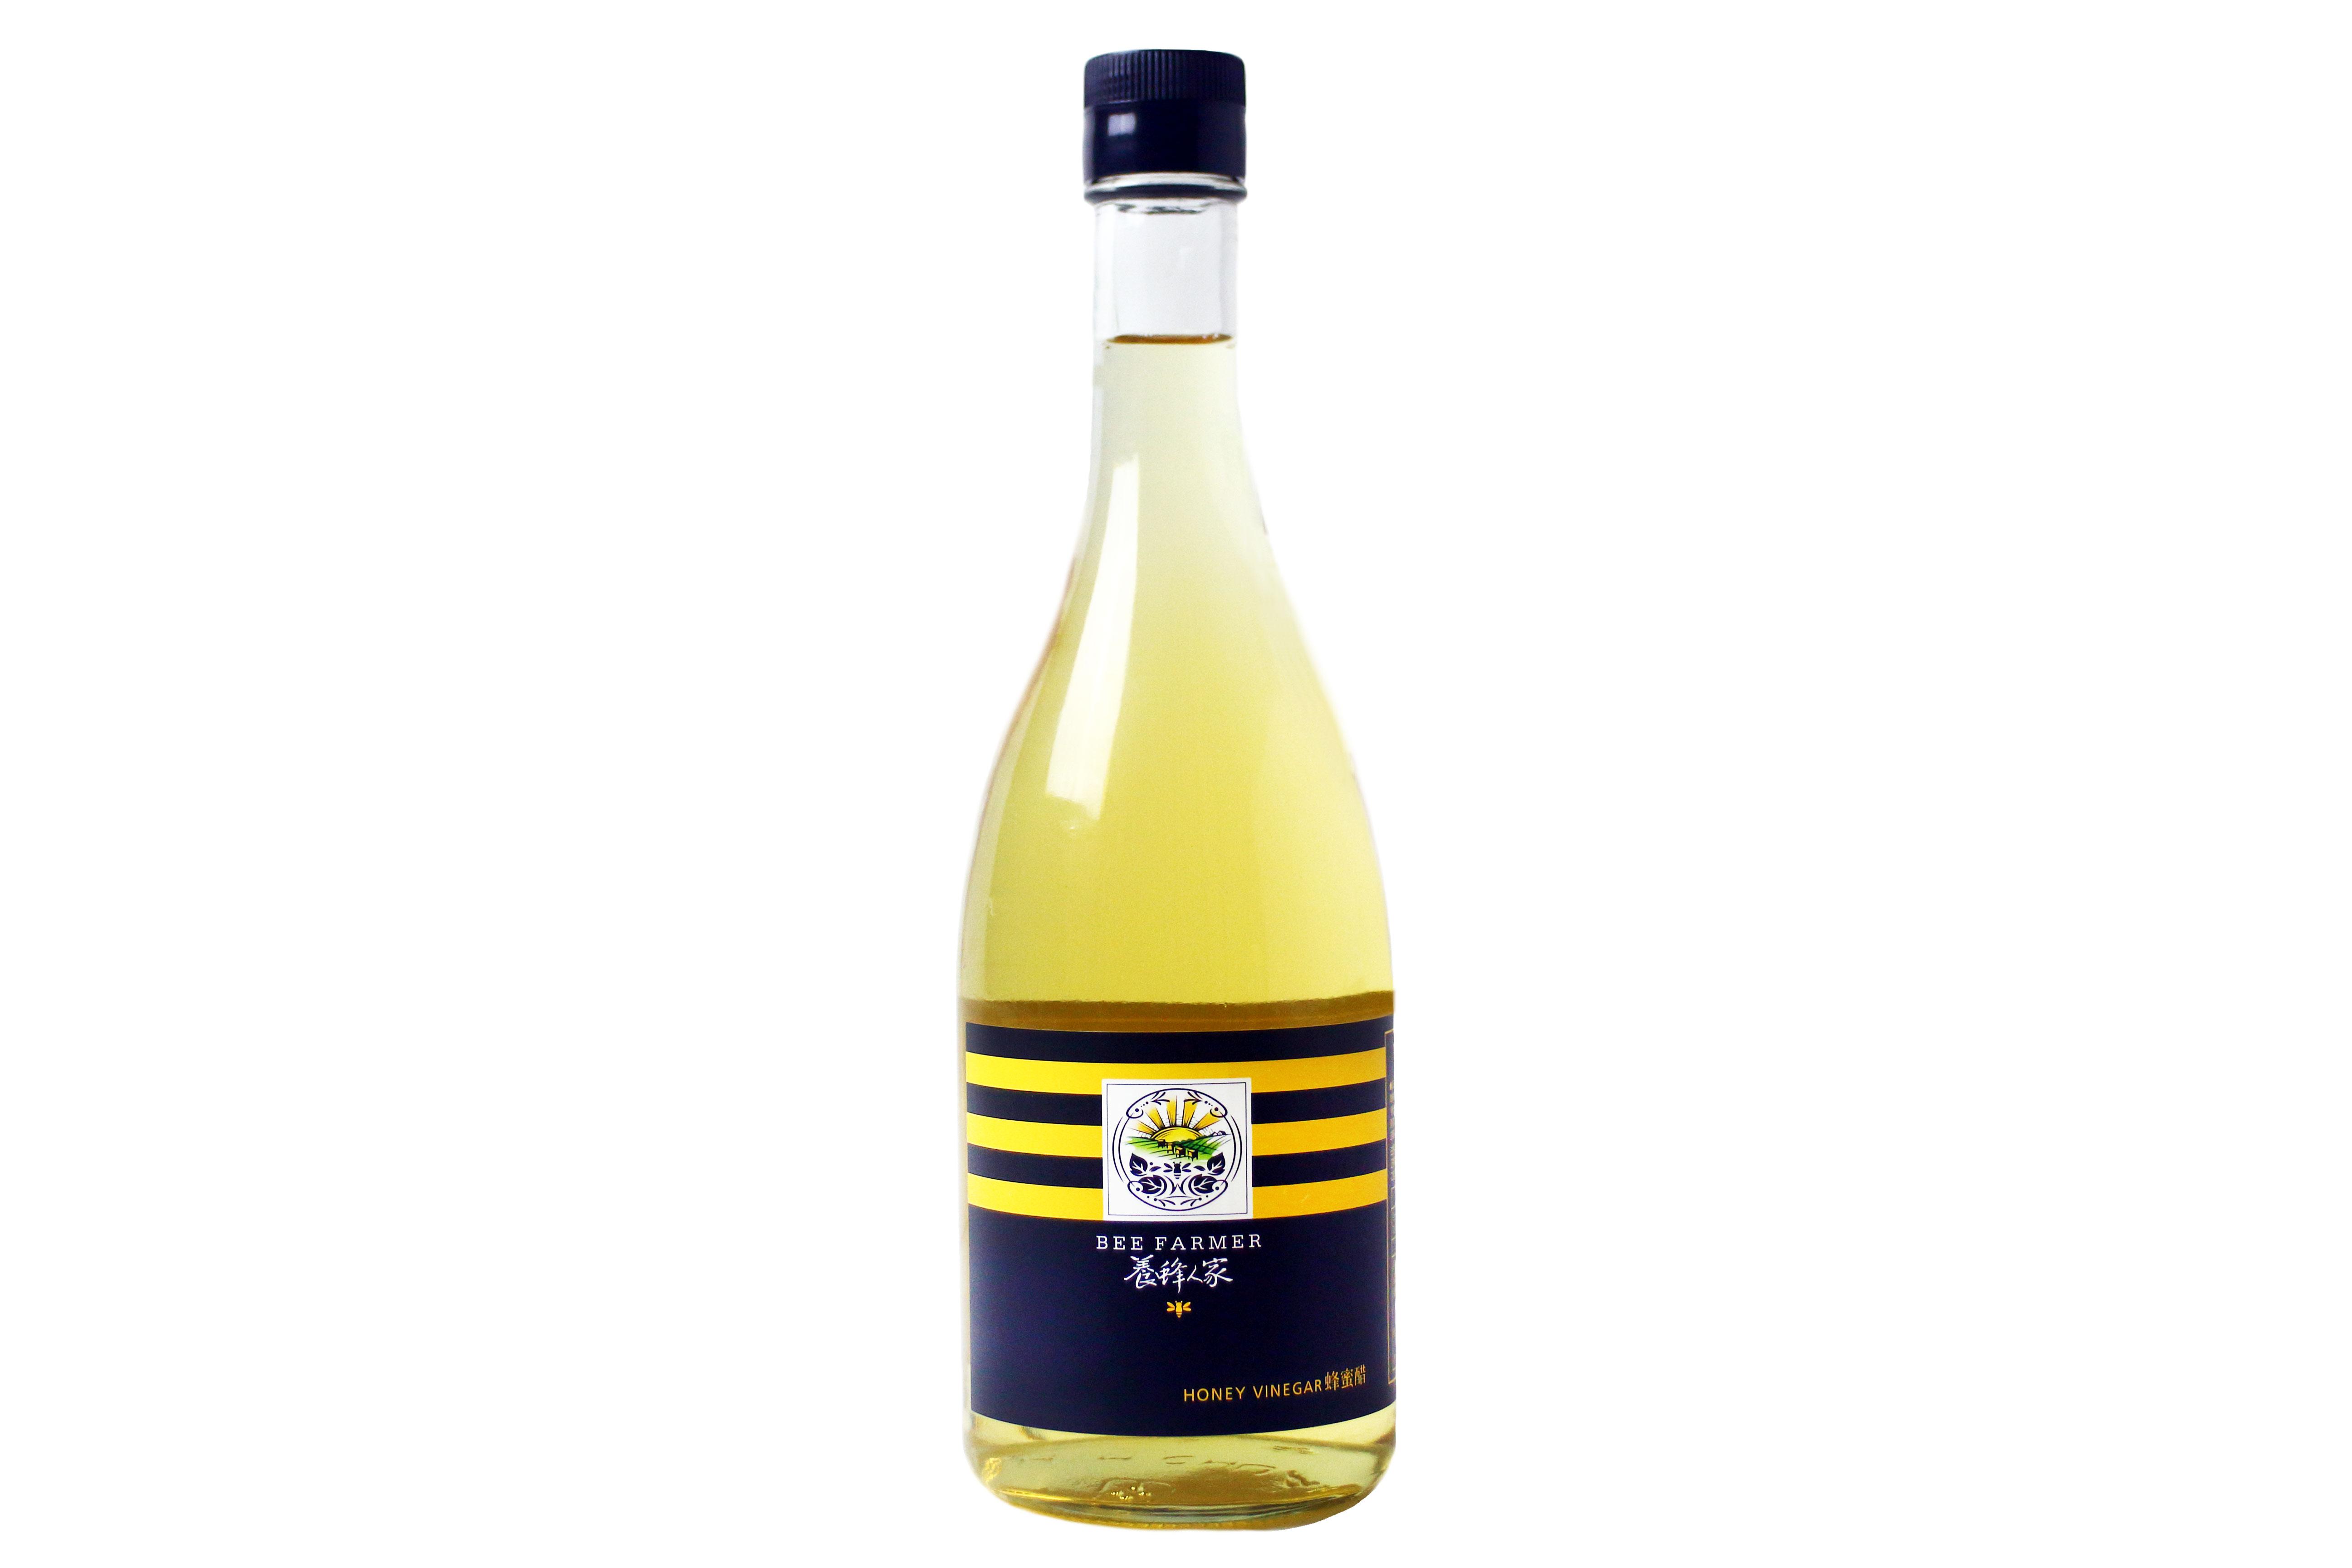 蜂蜜醋600ml 天然釀造/腸道順暢/蜂蜜/蜂蜜醋/蜂蜜飲品 【養蜂人家】